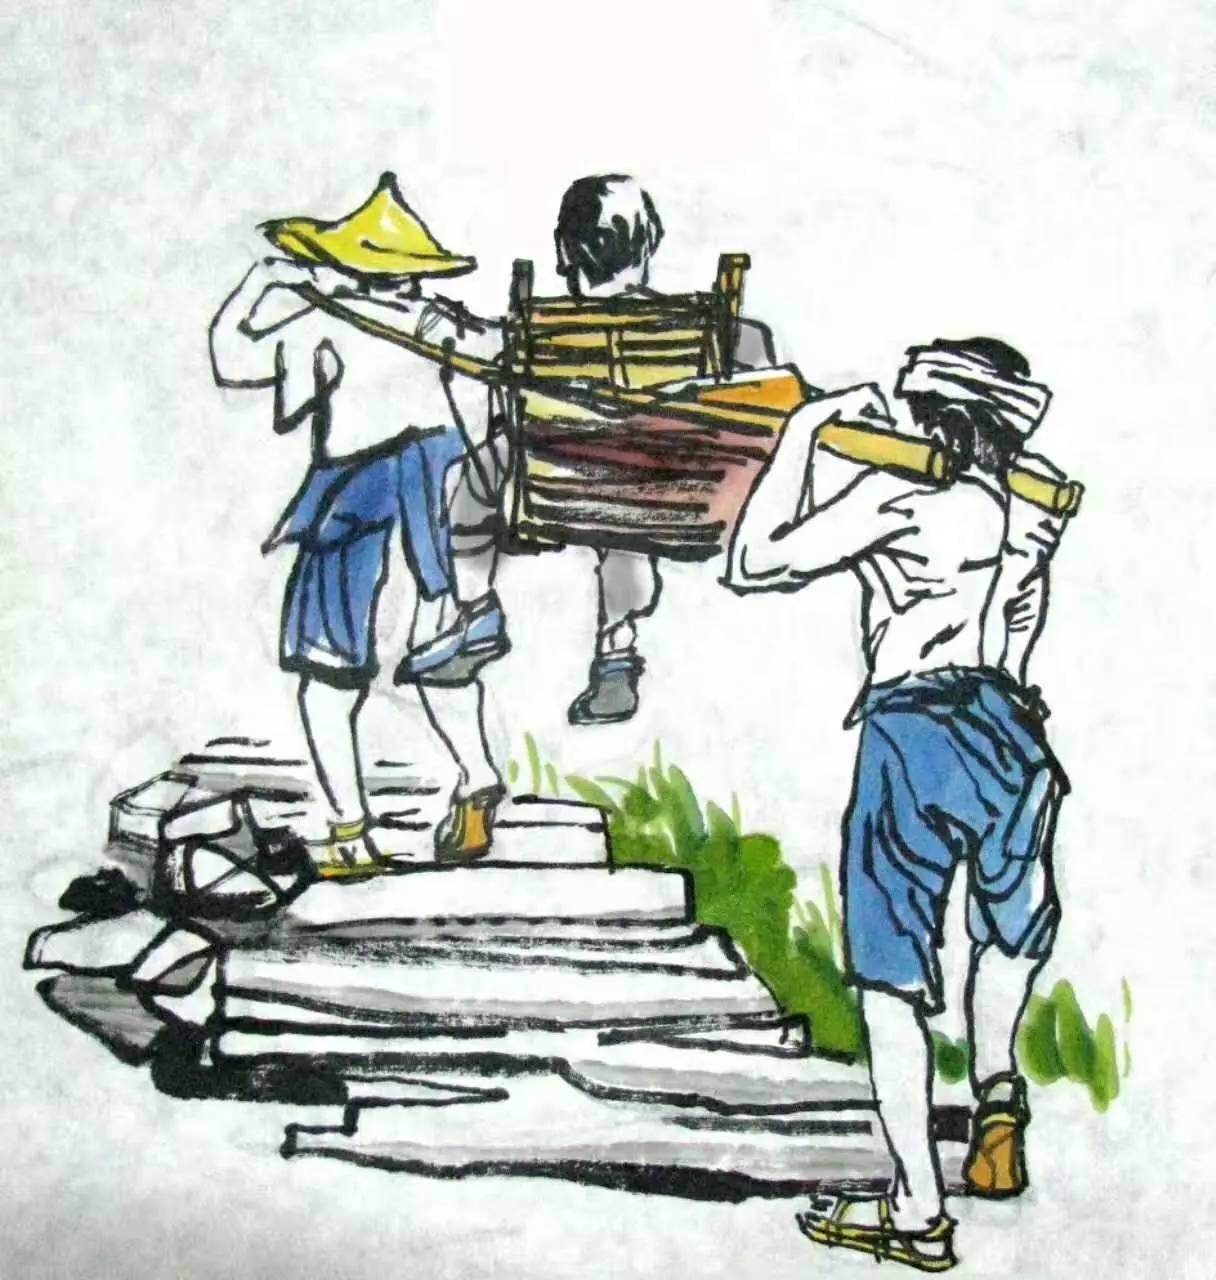 洛阳5880保洁-洛阳网咖影咖专业卡位沙发清洗